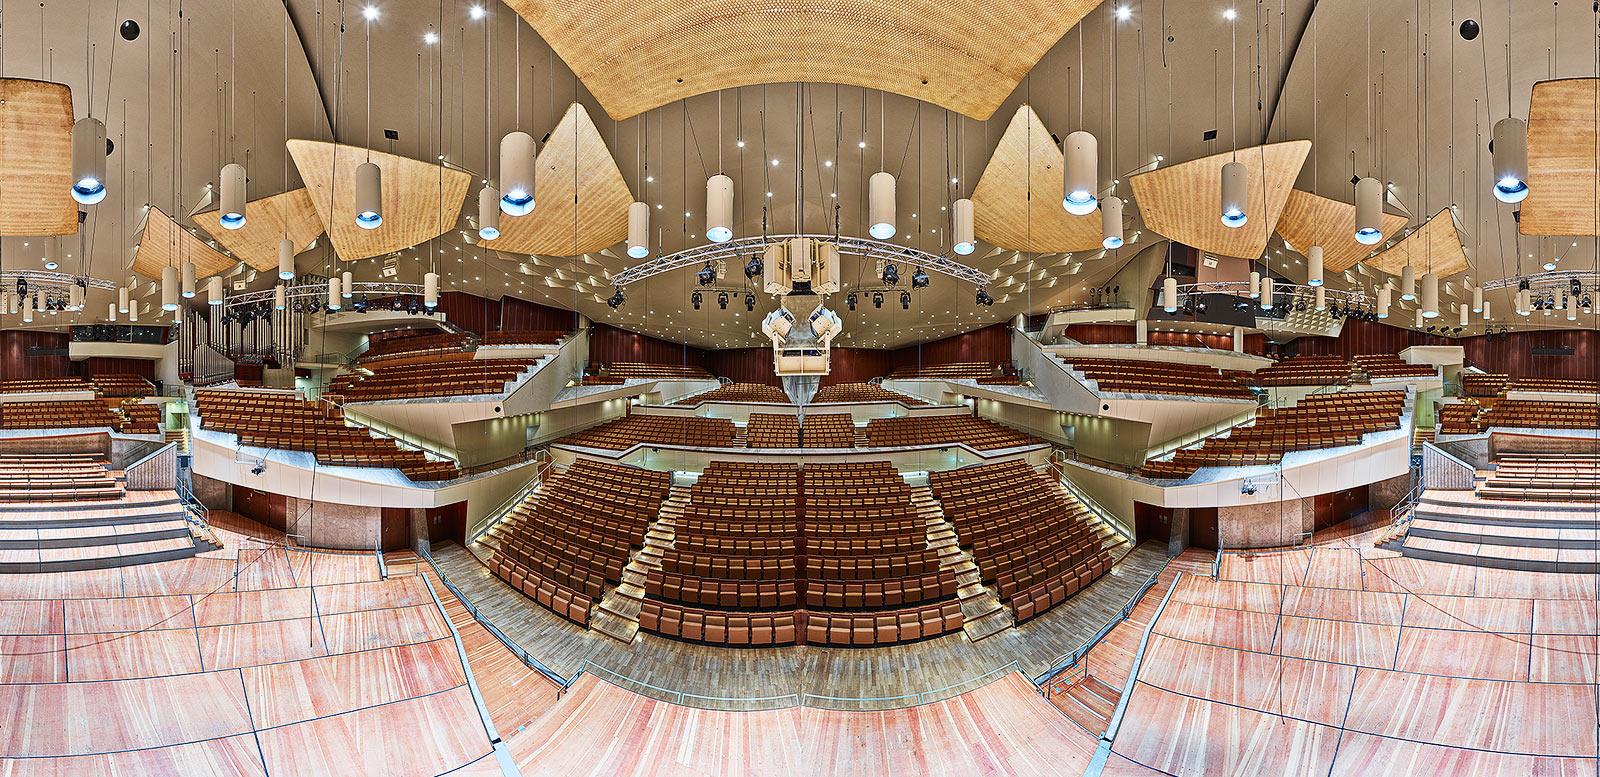 philharmonie-gigapixel